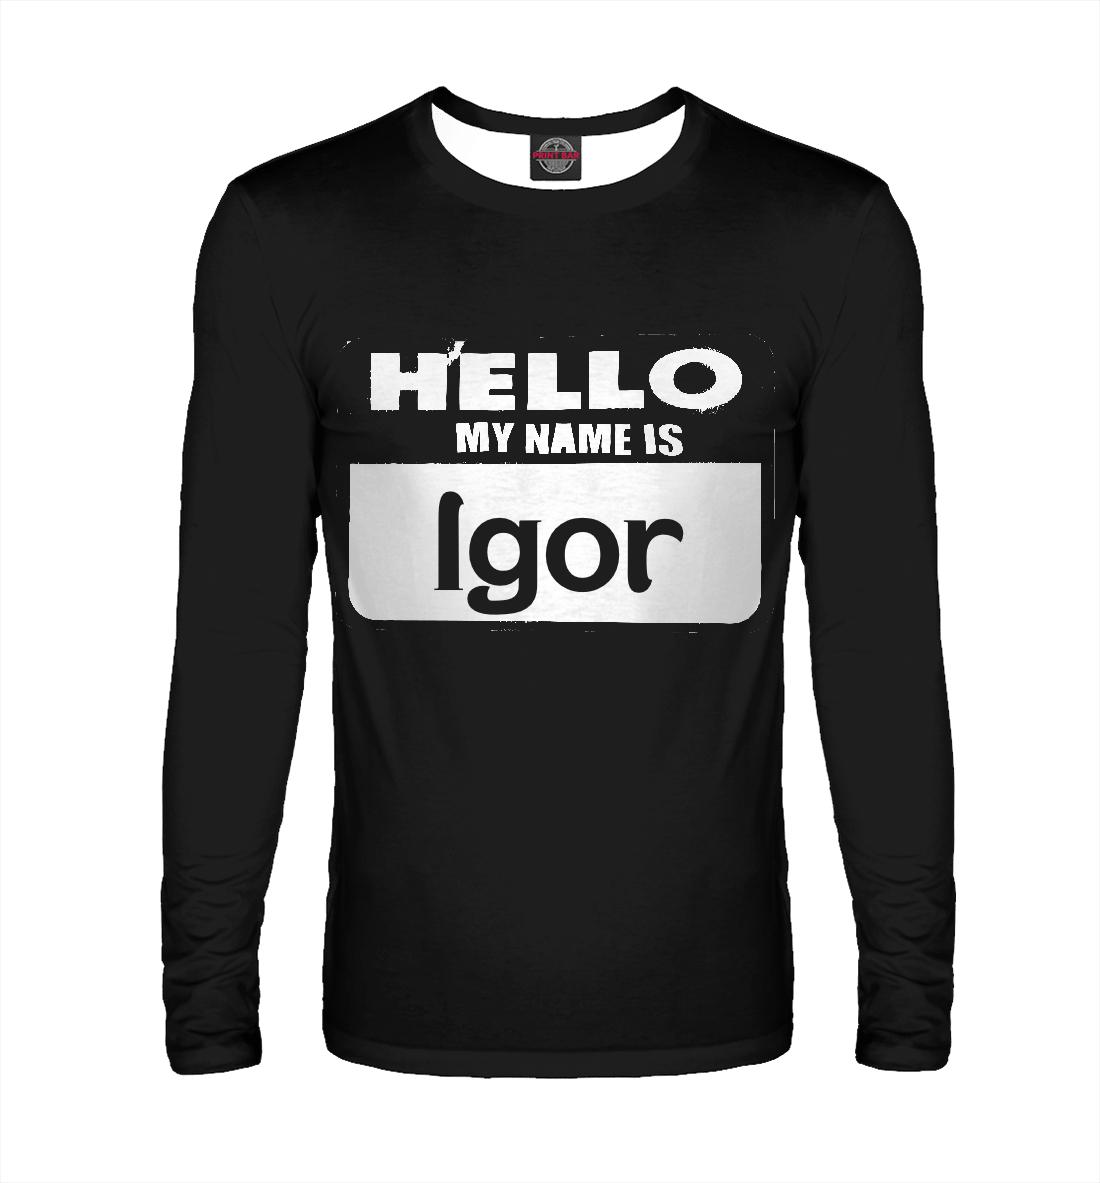 Igor igor